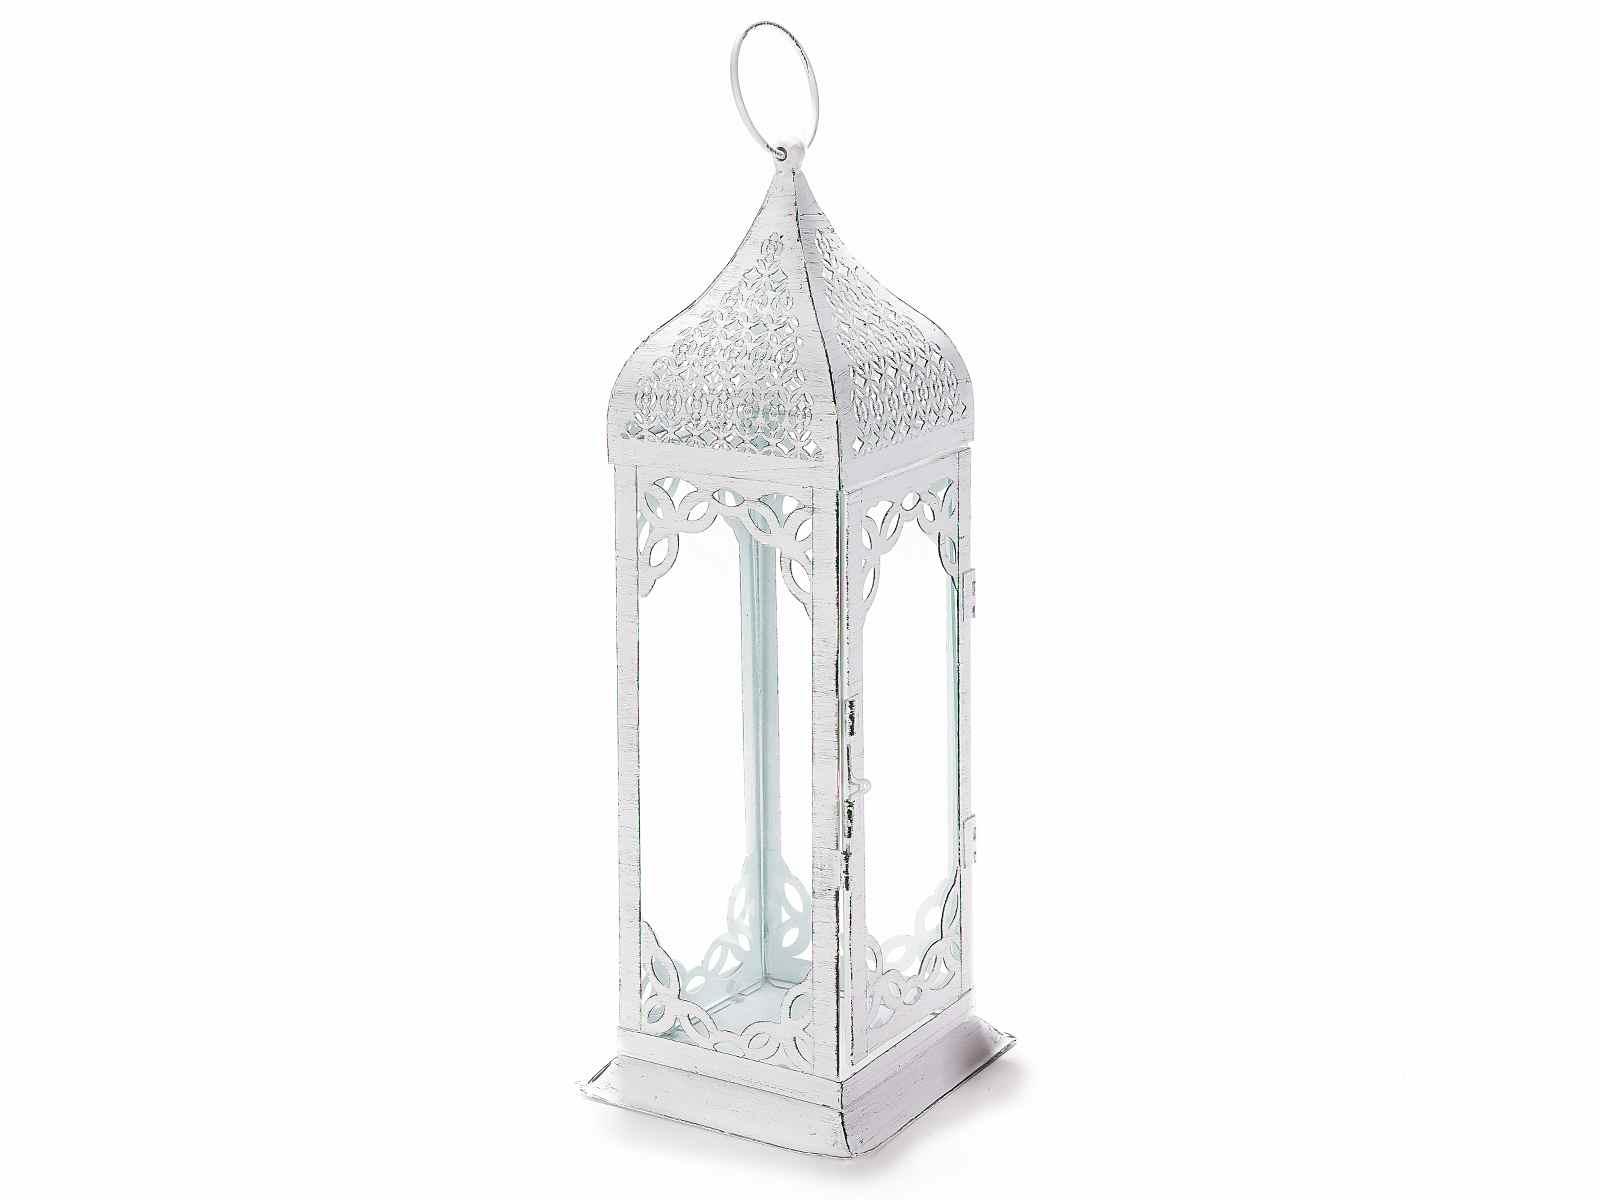 Portacandele Da Giardino : Lanterne portacandele da giardino: decorazioni da giardino. scoprile